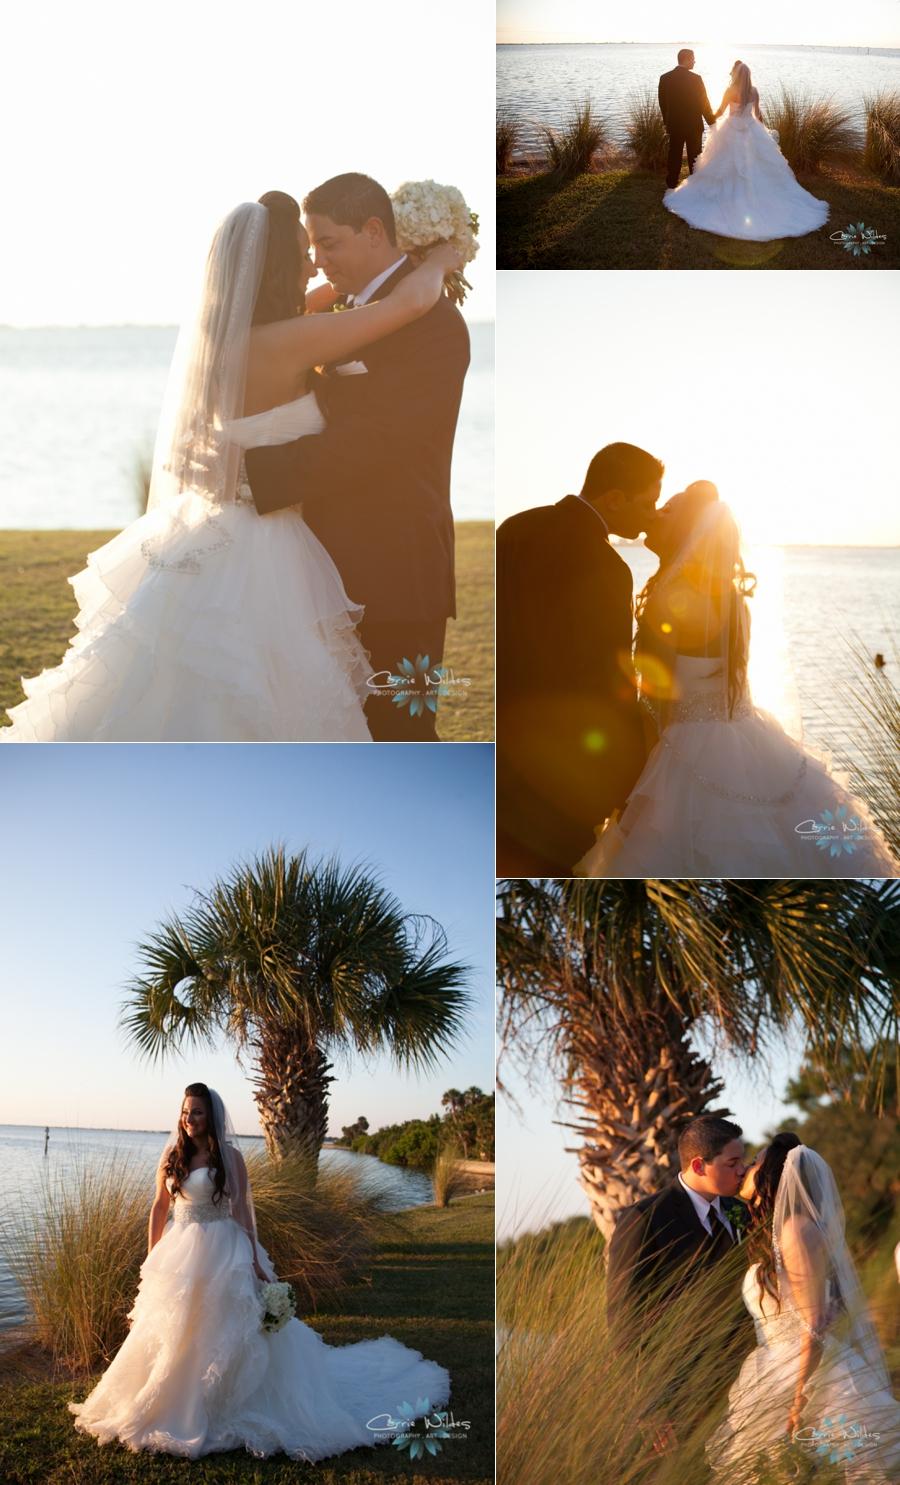 10_18_13 Powel Crosley Sarasota Wedding_0017.jpg